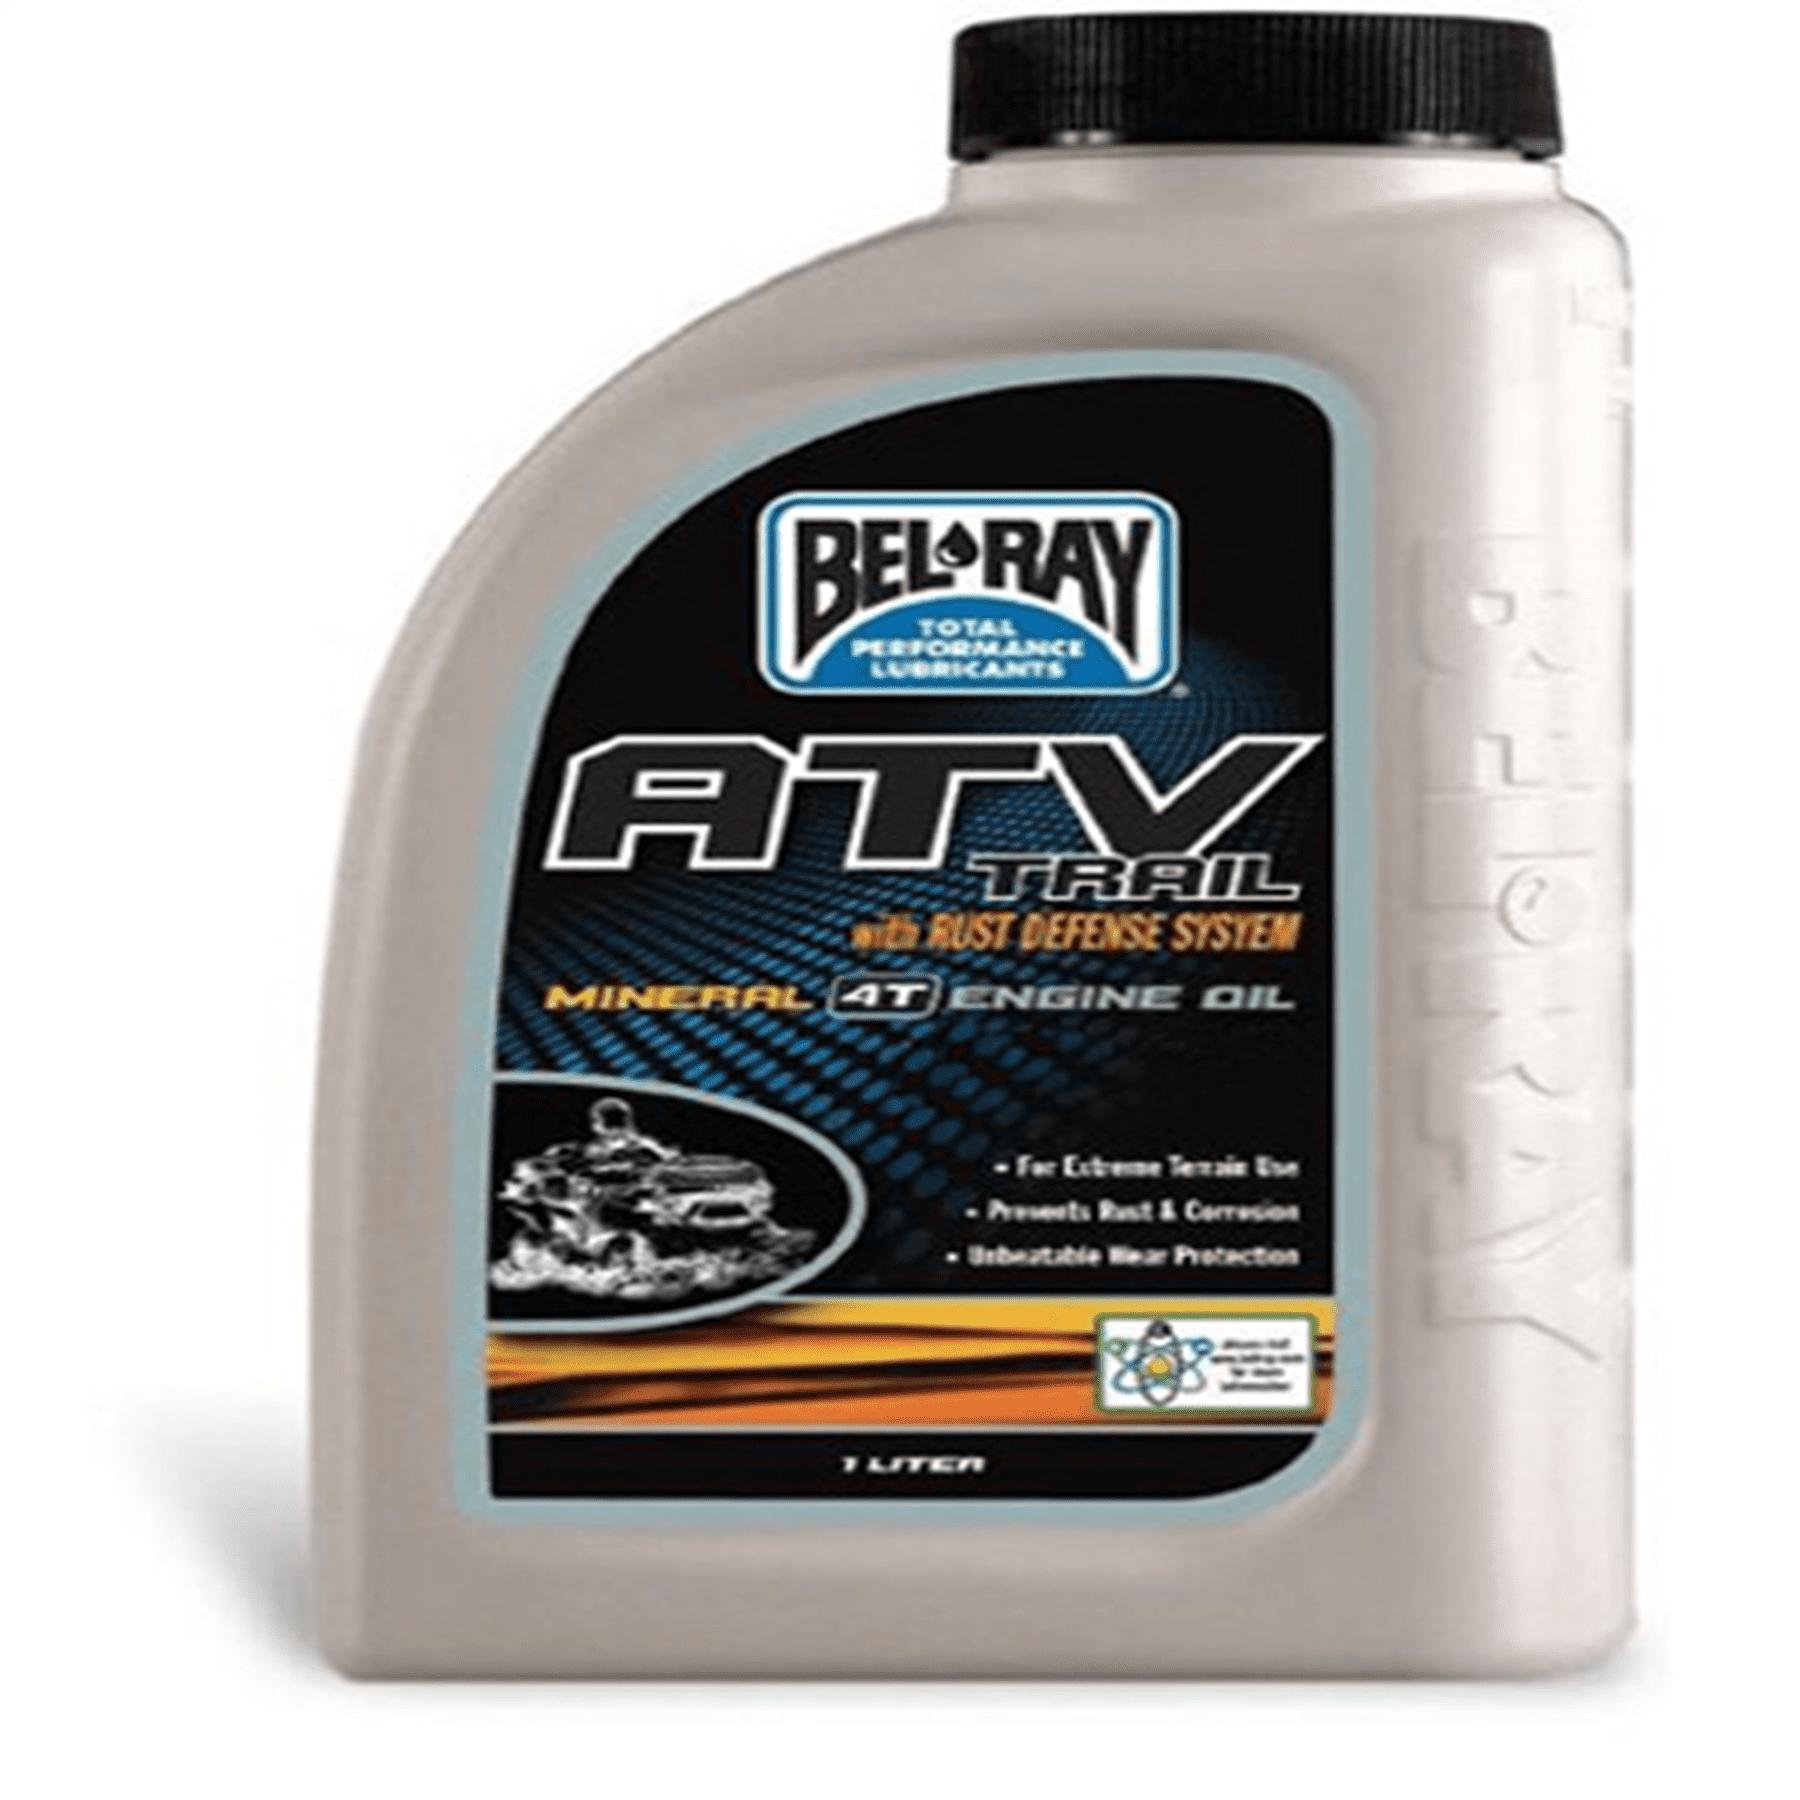 BEL-RAY ATV TRAIL MINERAL 4T ENGINE OIL 10W-40 (1L)